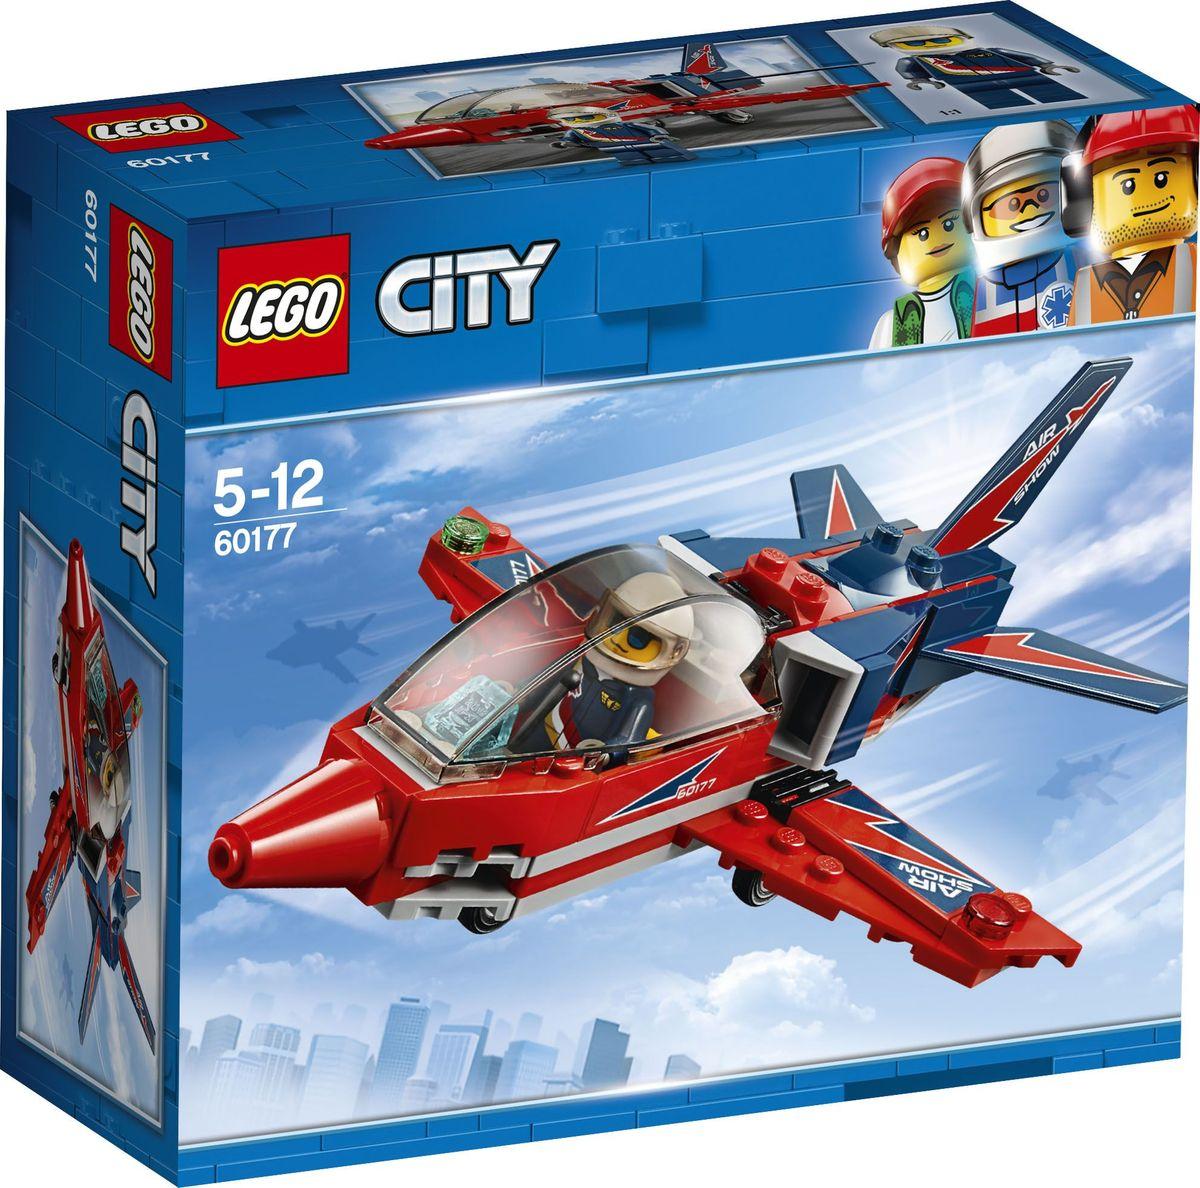 LEGO City Great Vehicles Конструктор Реактивный самолет 60177